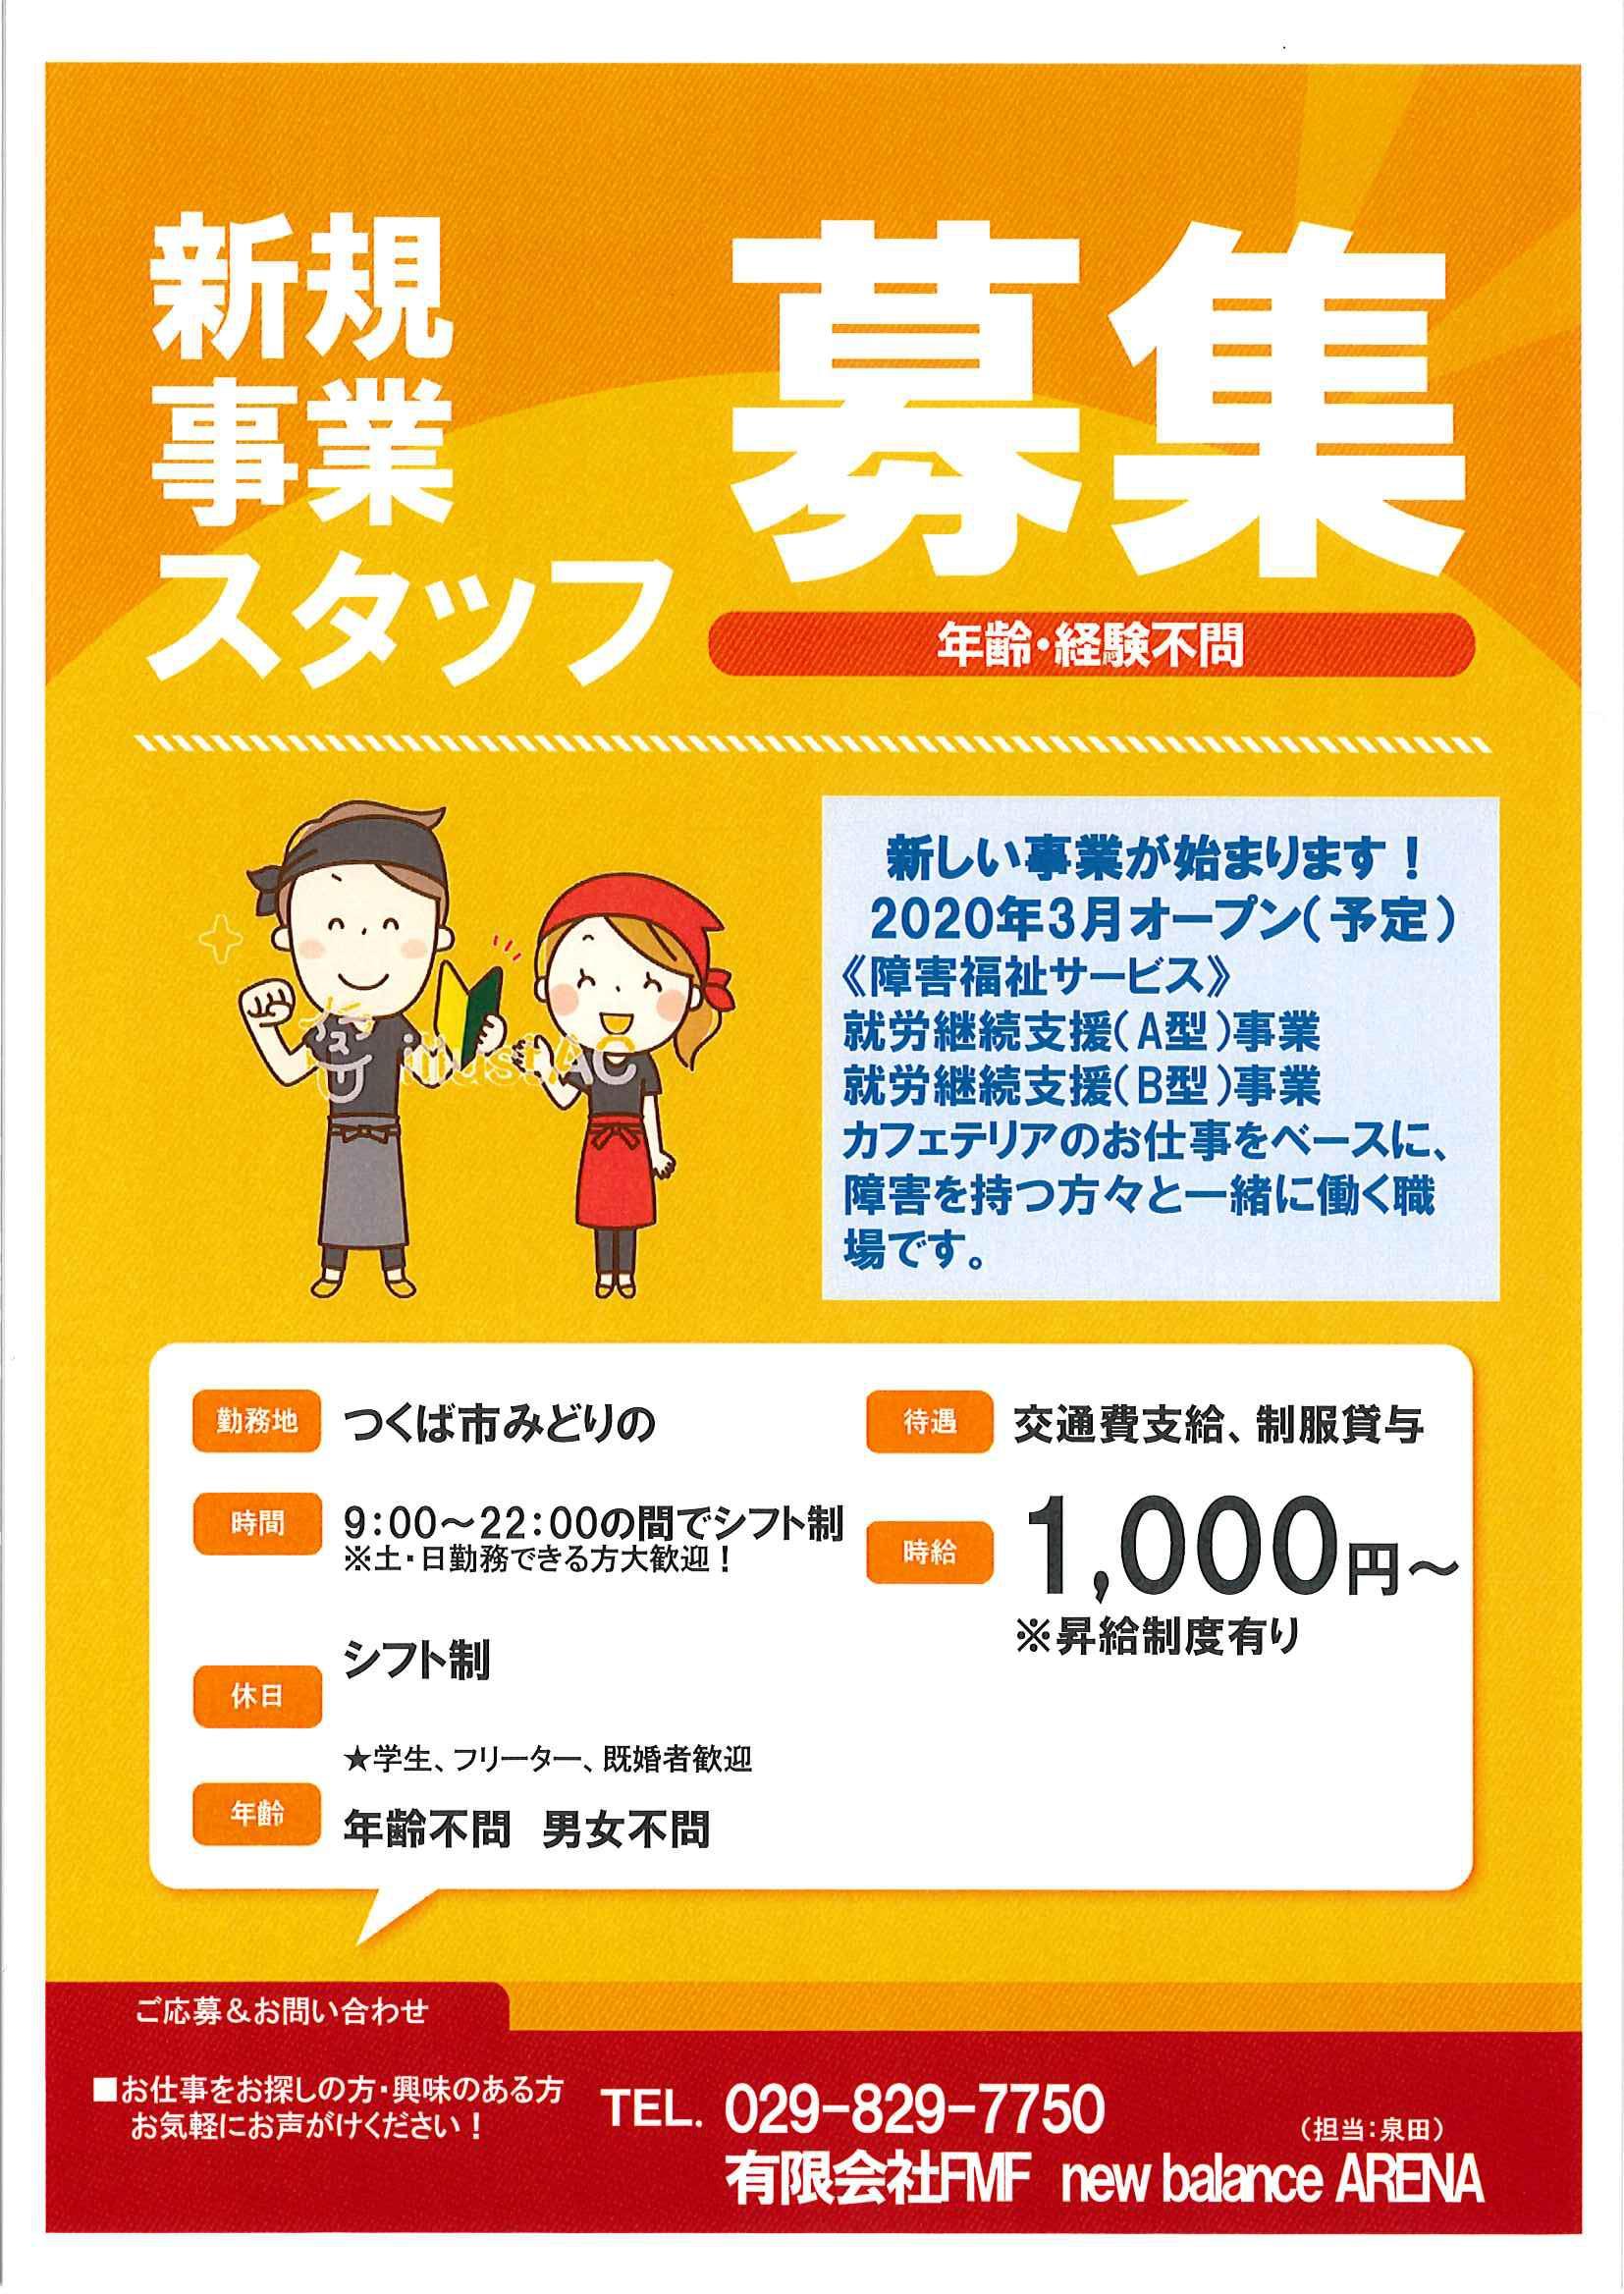 新規事業スタッフ募集!page-visual 新規事業スタッフ募集!ビジュアル